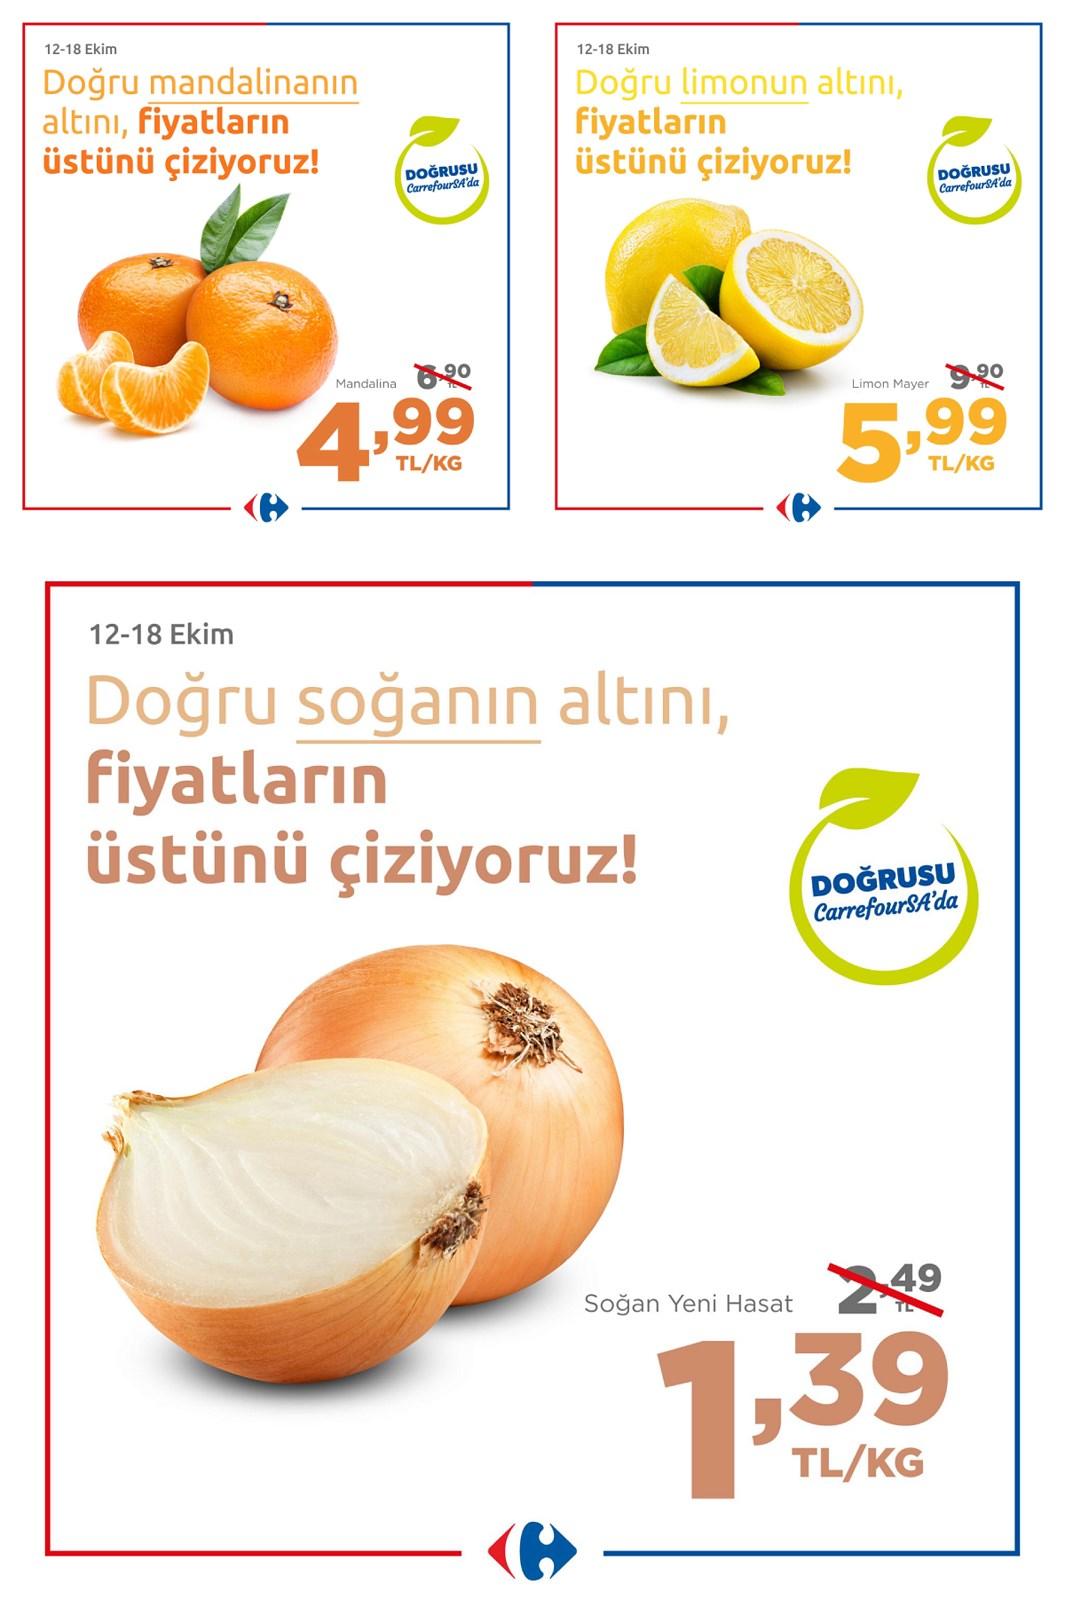 12.10.2021 CarrefourSA broşürü 1. sayfa